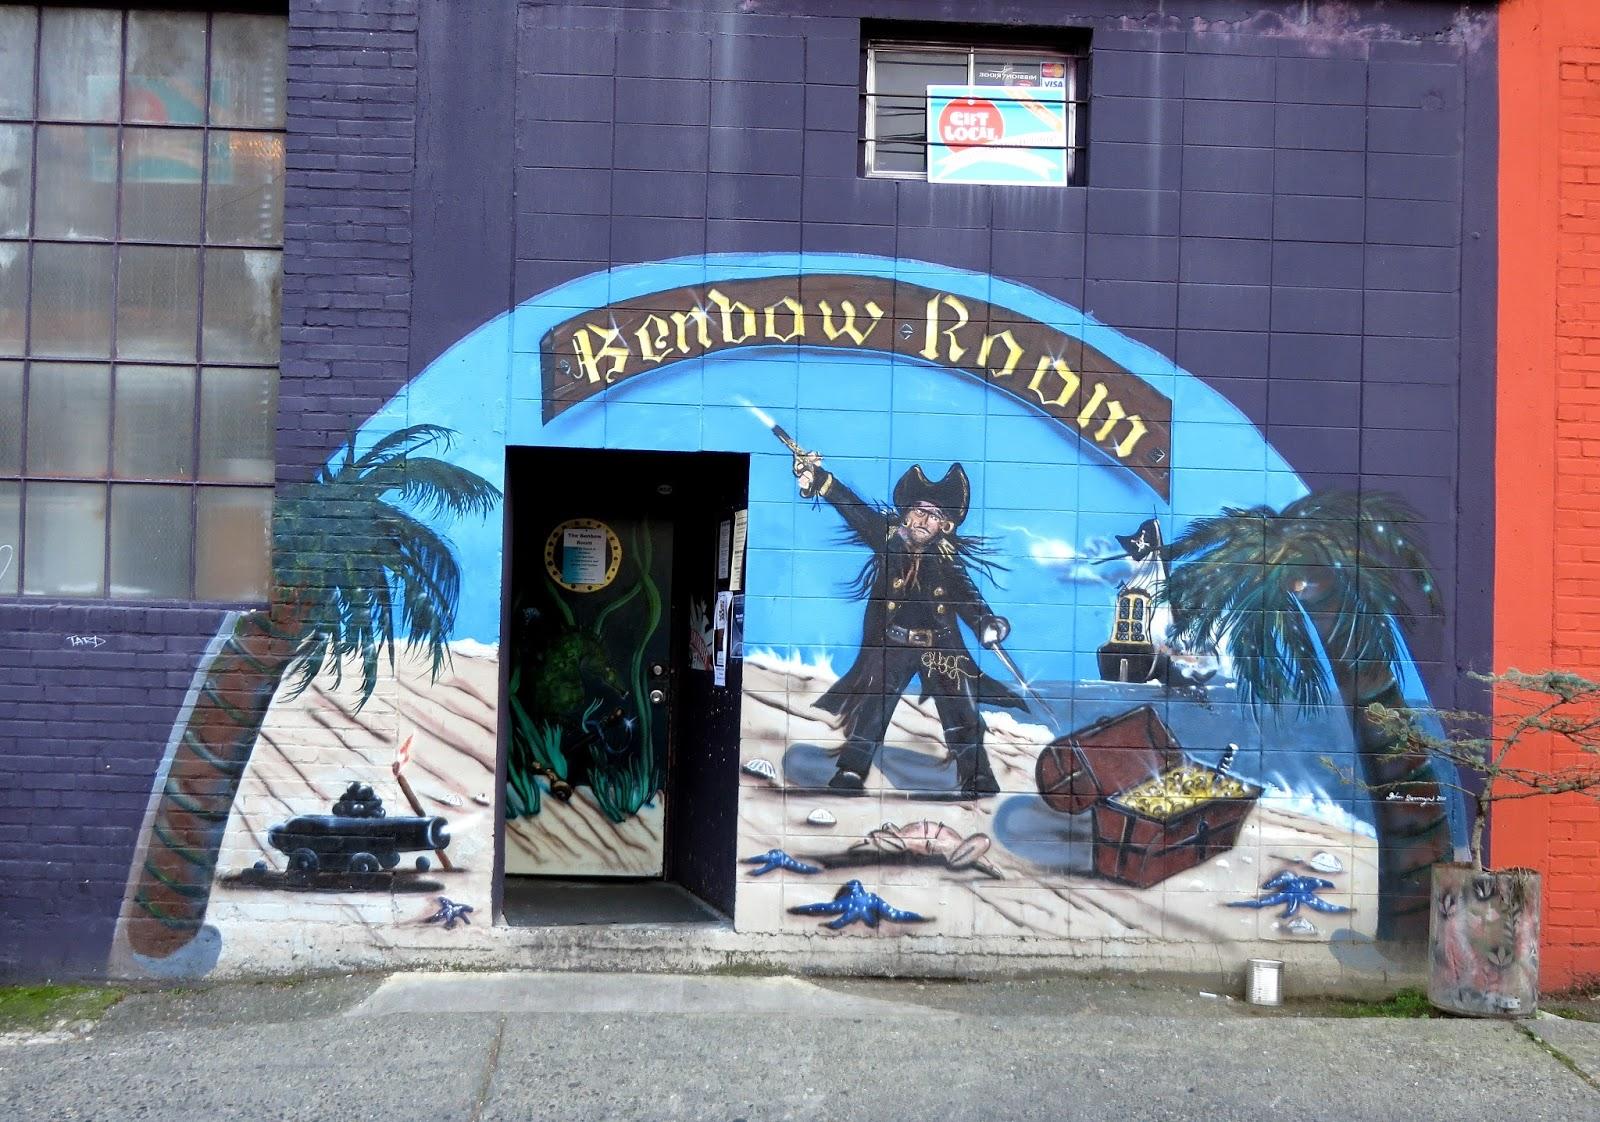 Seattlebars.org: May 2010